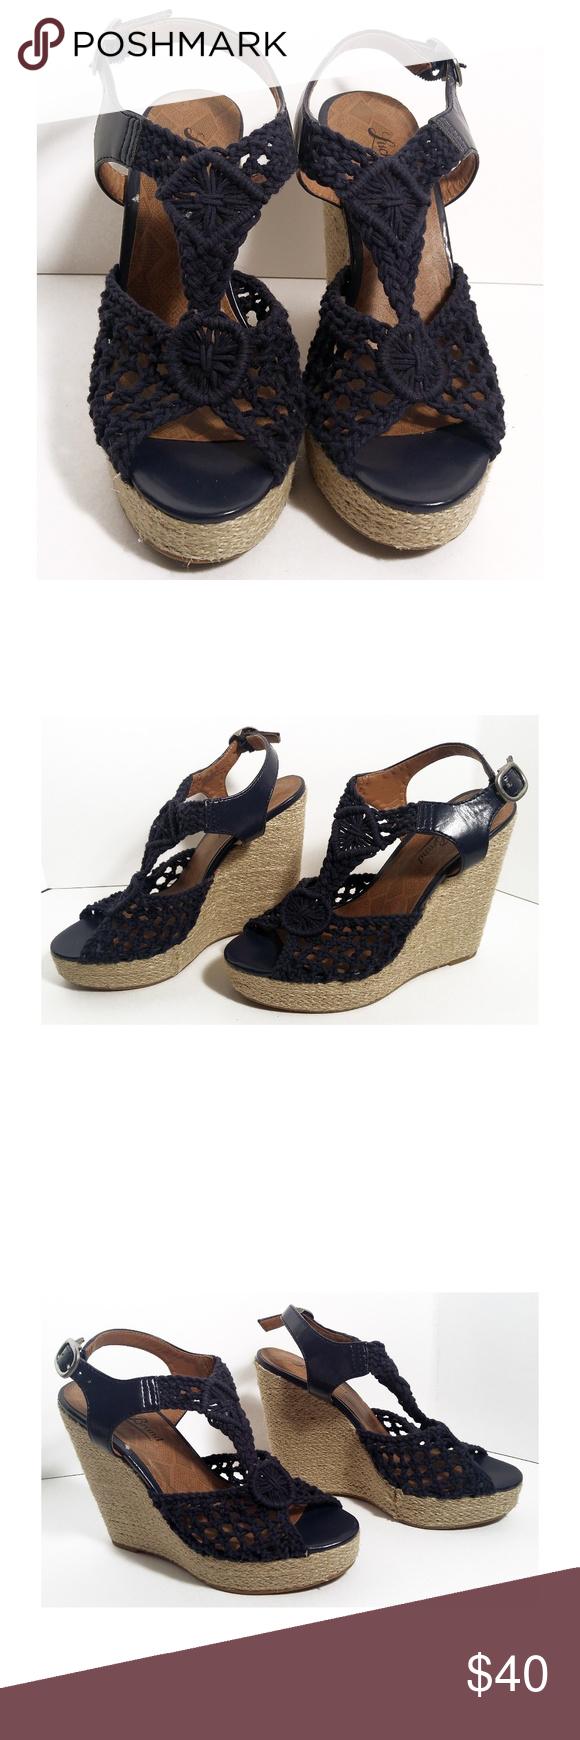 3533480602a Lucky Brand Rilo Crochet Platform Wedge Sandals- 6